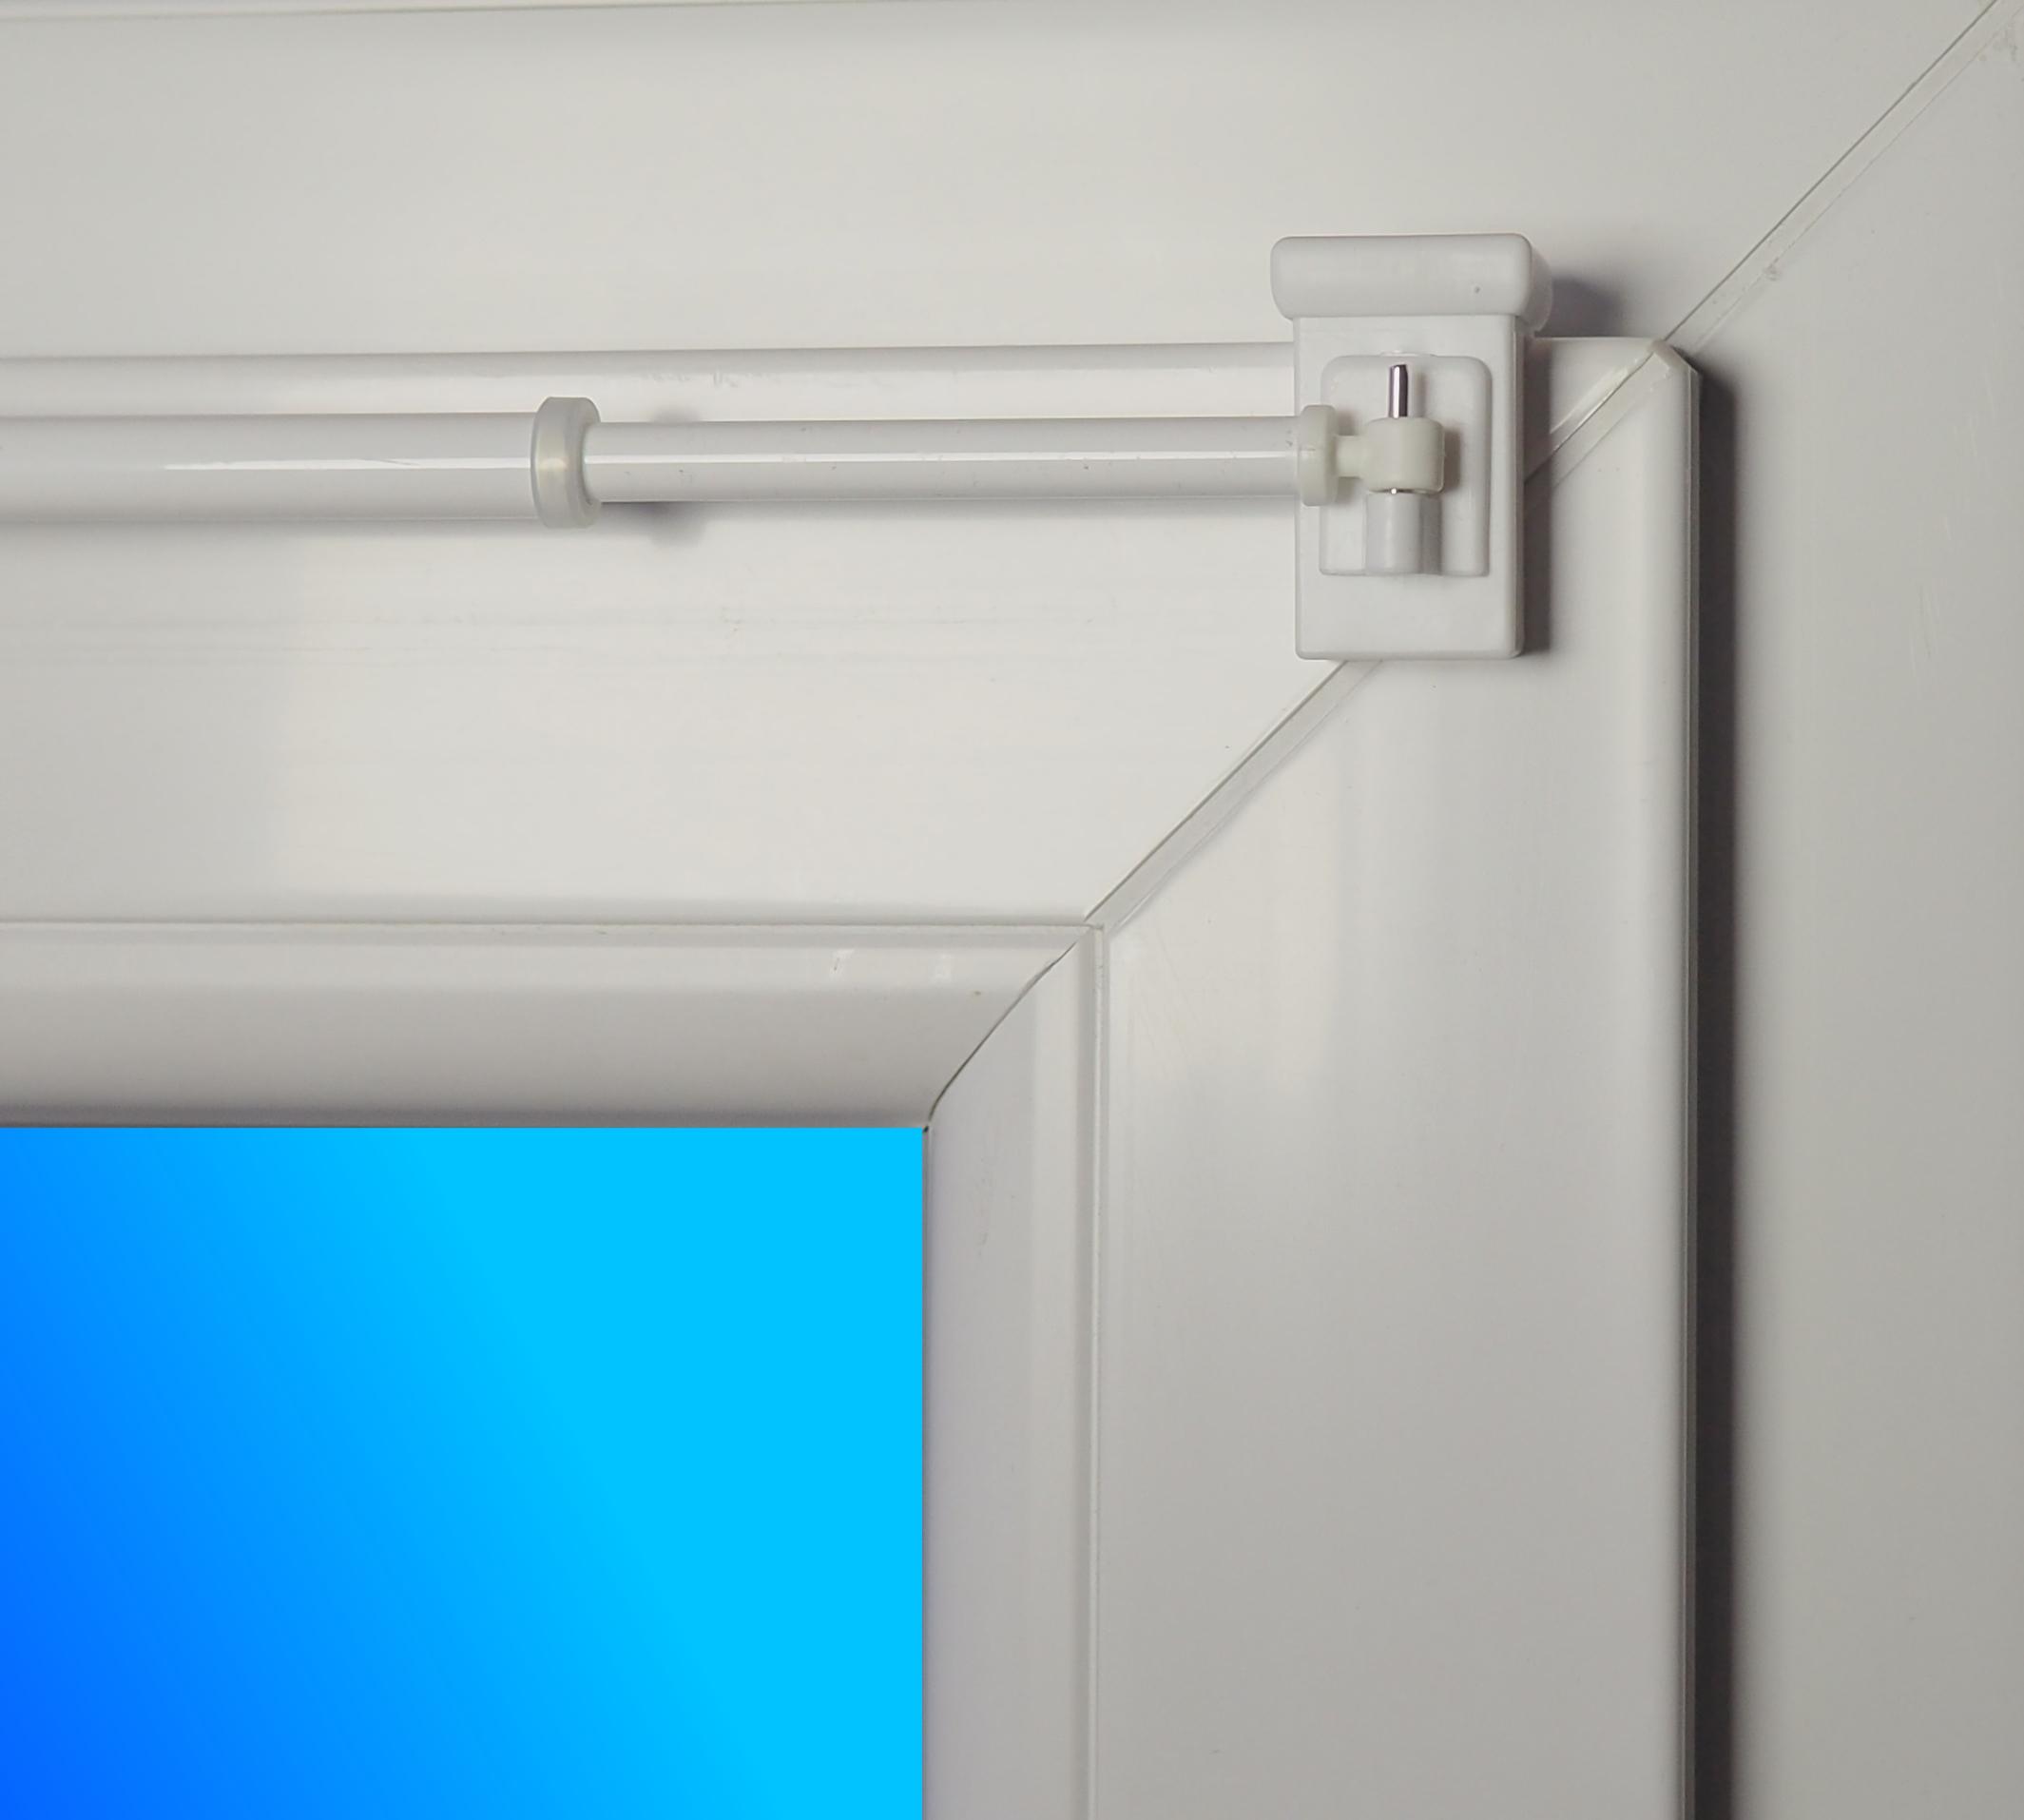 gardinen befestigen ohne schrauben und bohren. Black Bedroom Furniture Sets. Home Design Ideas